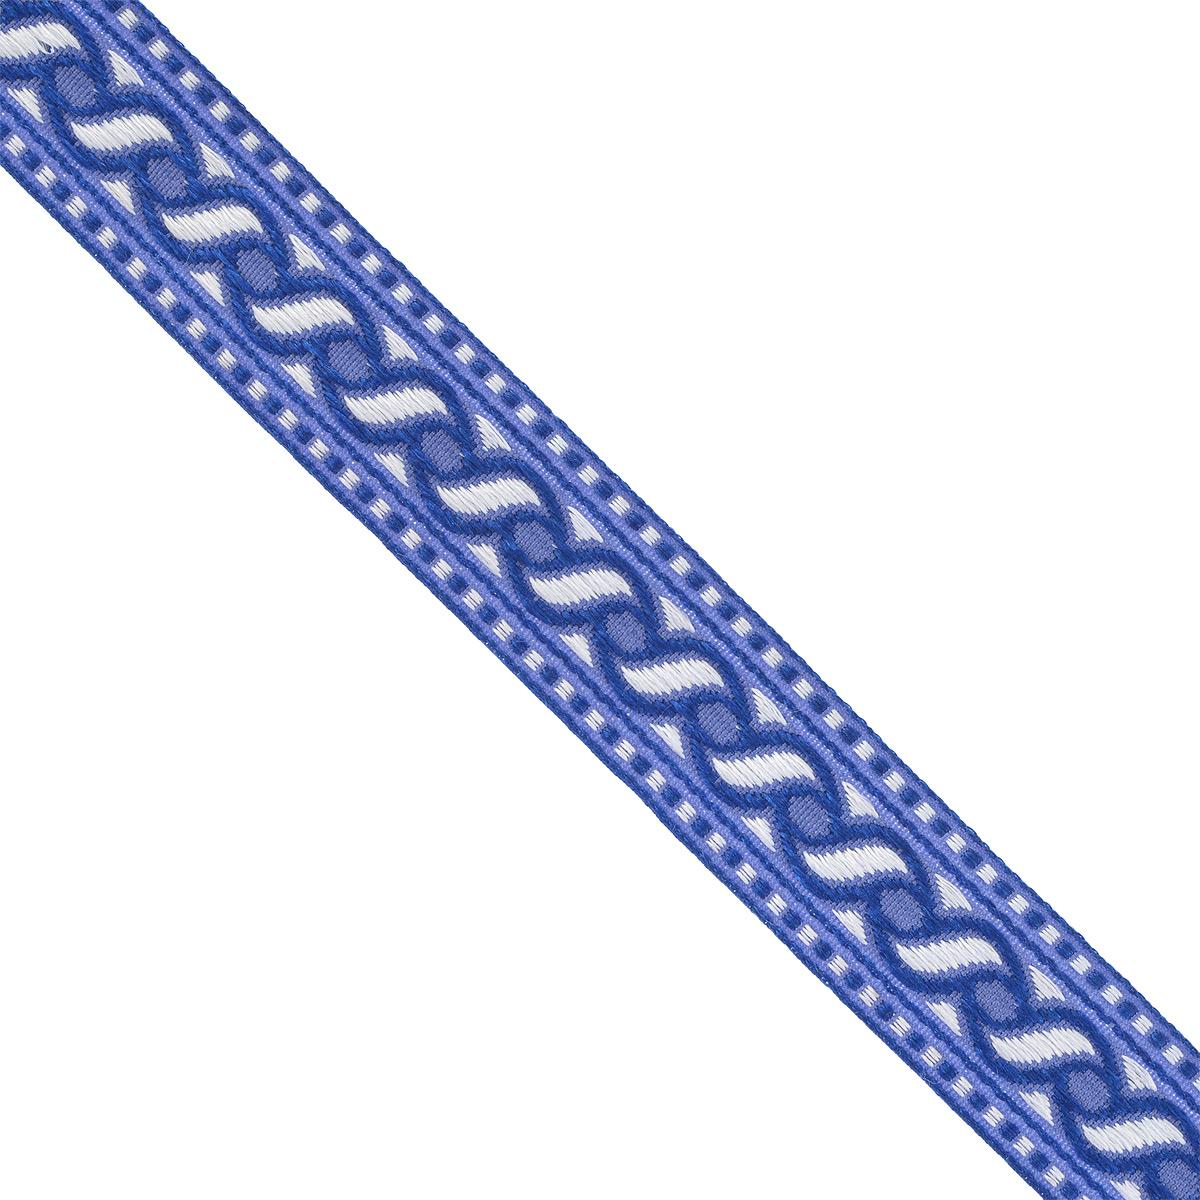 Тесьма декоративная Астра, цвет: синий (2), ширина 2 см, длина 16,4 м. 77032737703273_2Декоративная тесьма Астра выполнена из текстиля и оформлена оригинальным орнаментом. Такая тесьма идеально подойдет для оформления различных творческих работ таких, как скрапбукинг, аппликация, декор коробок и открыток и многое другое. Тесьма наивысшего качества и практична в использовании. Она станет незаменимым элементом в создании рукотворного шедевра. Ширина: 2 см. Длина: 16,4 м.